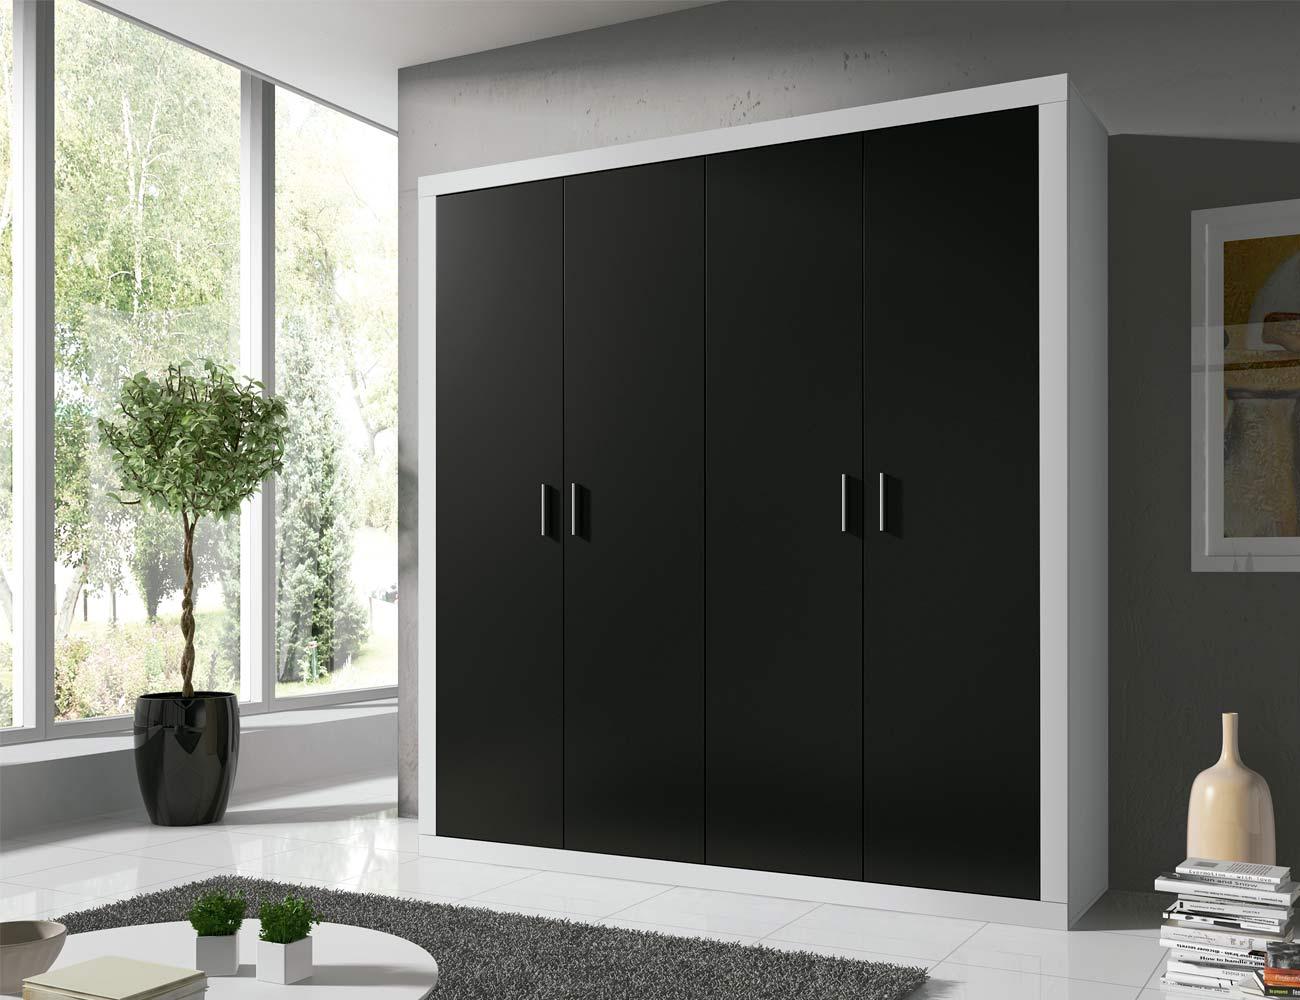 Detalle armario puertas abatibles blanco grafito